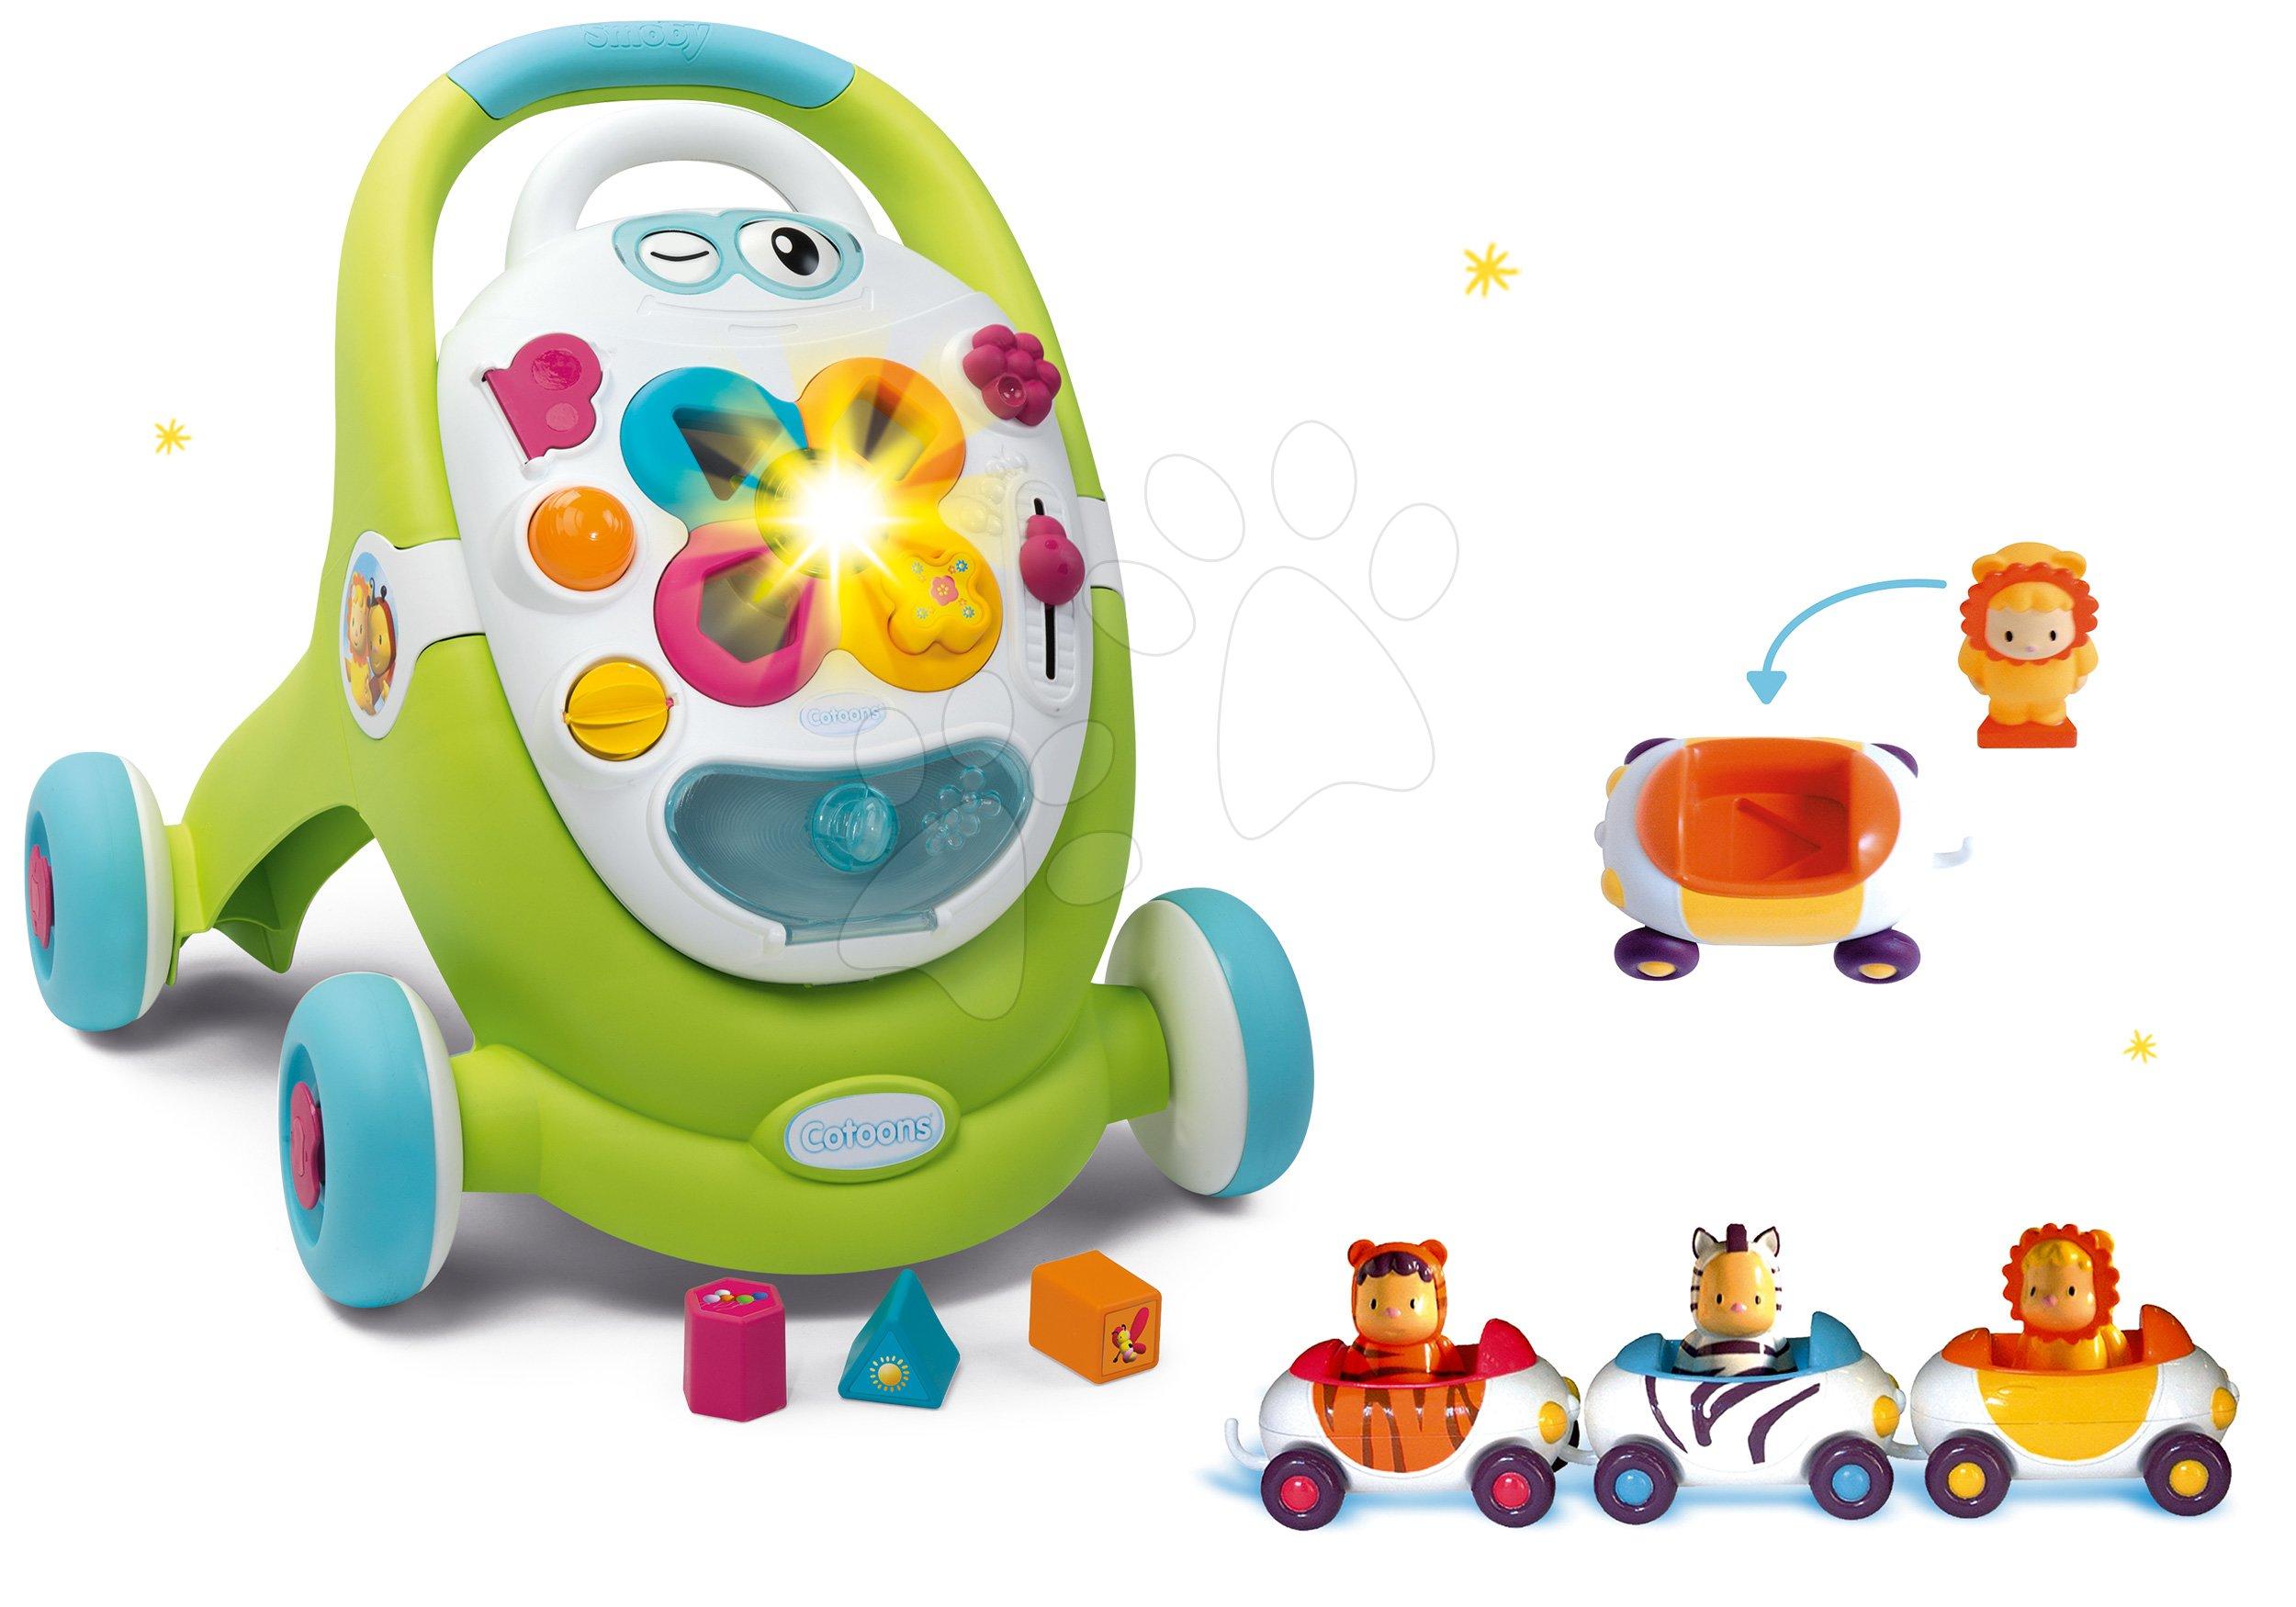 Set chodítko Trott Cotoons 2v1 Smoby zelené s kostkami, světlem a melodií a autíčka Imagin Car Cotoons